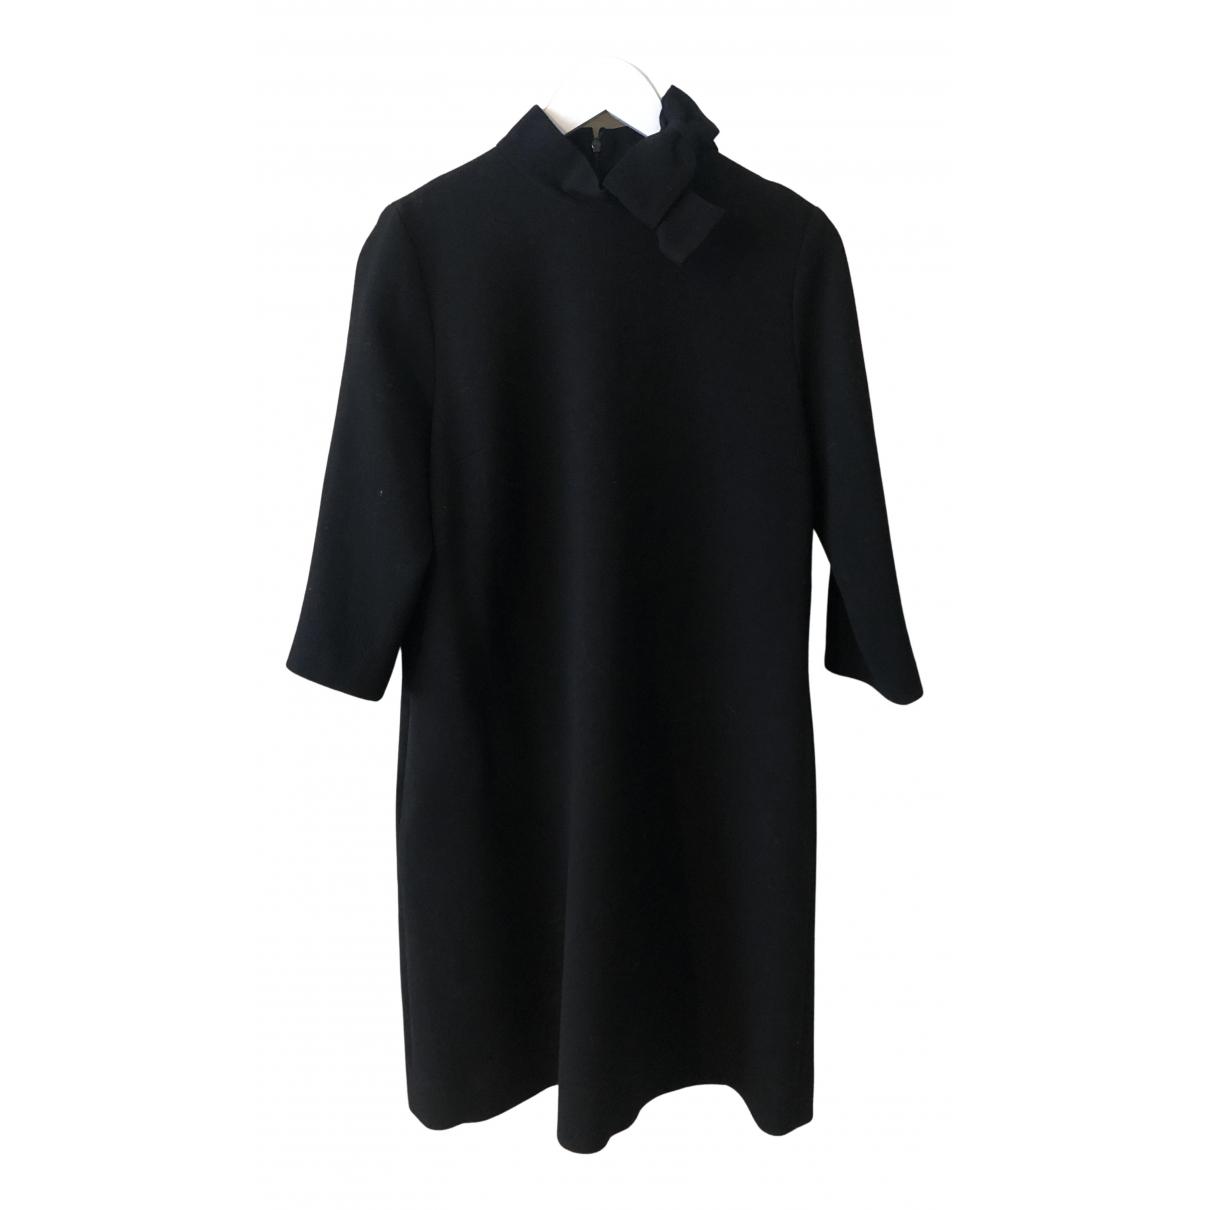 Goat \N Kleid in  Schwarz Wolle